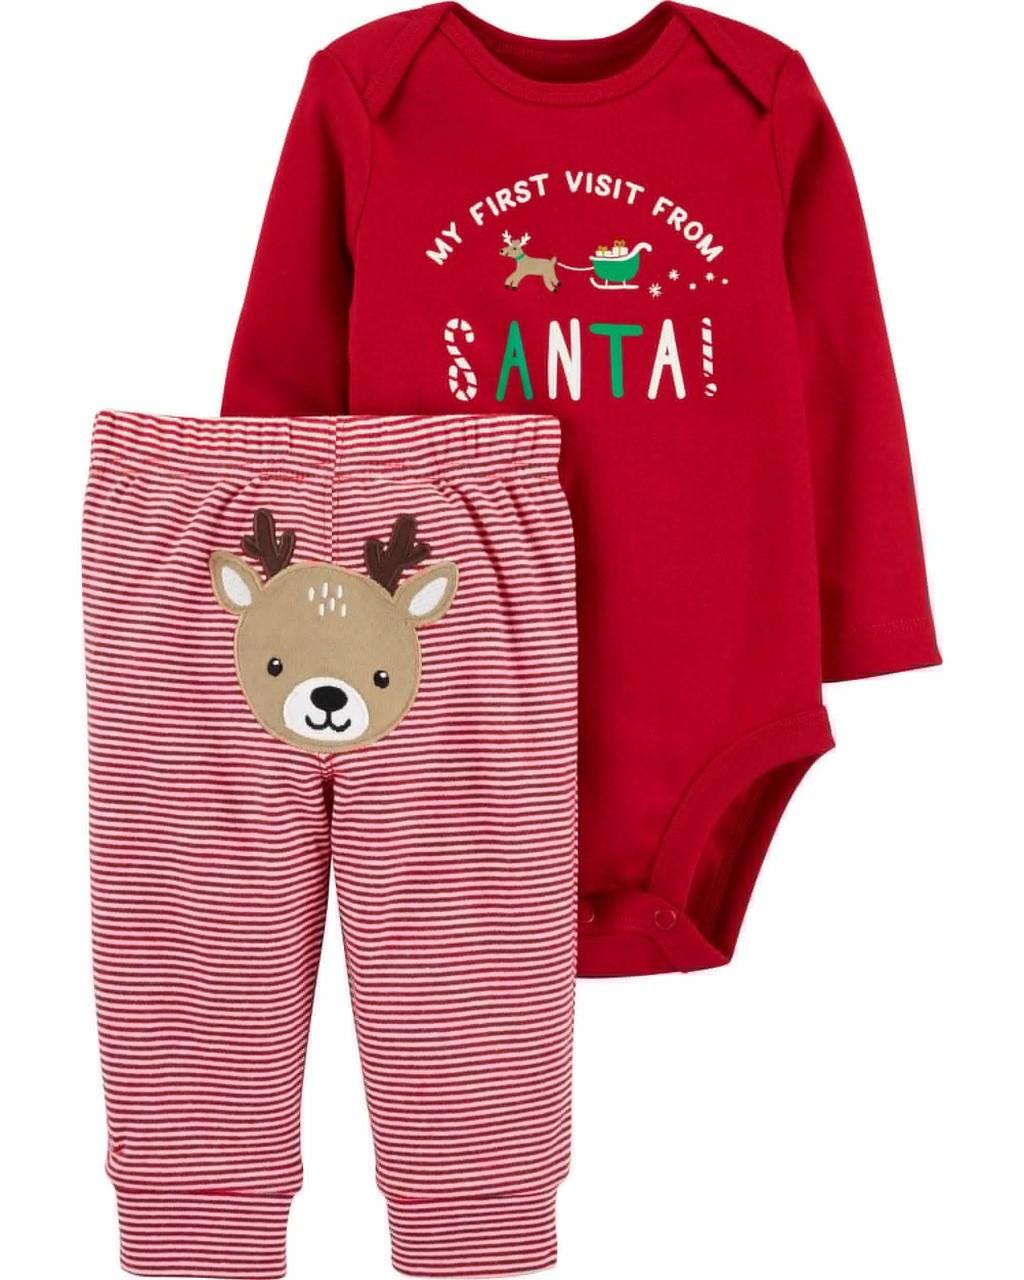 Conjunto Natal - Primeira visita do Papai Noel Carter's